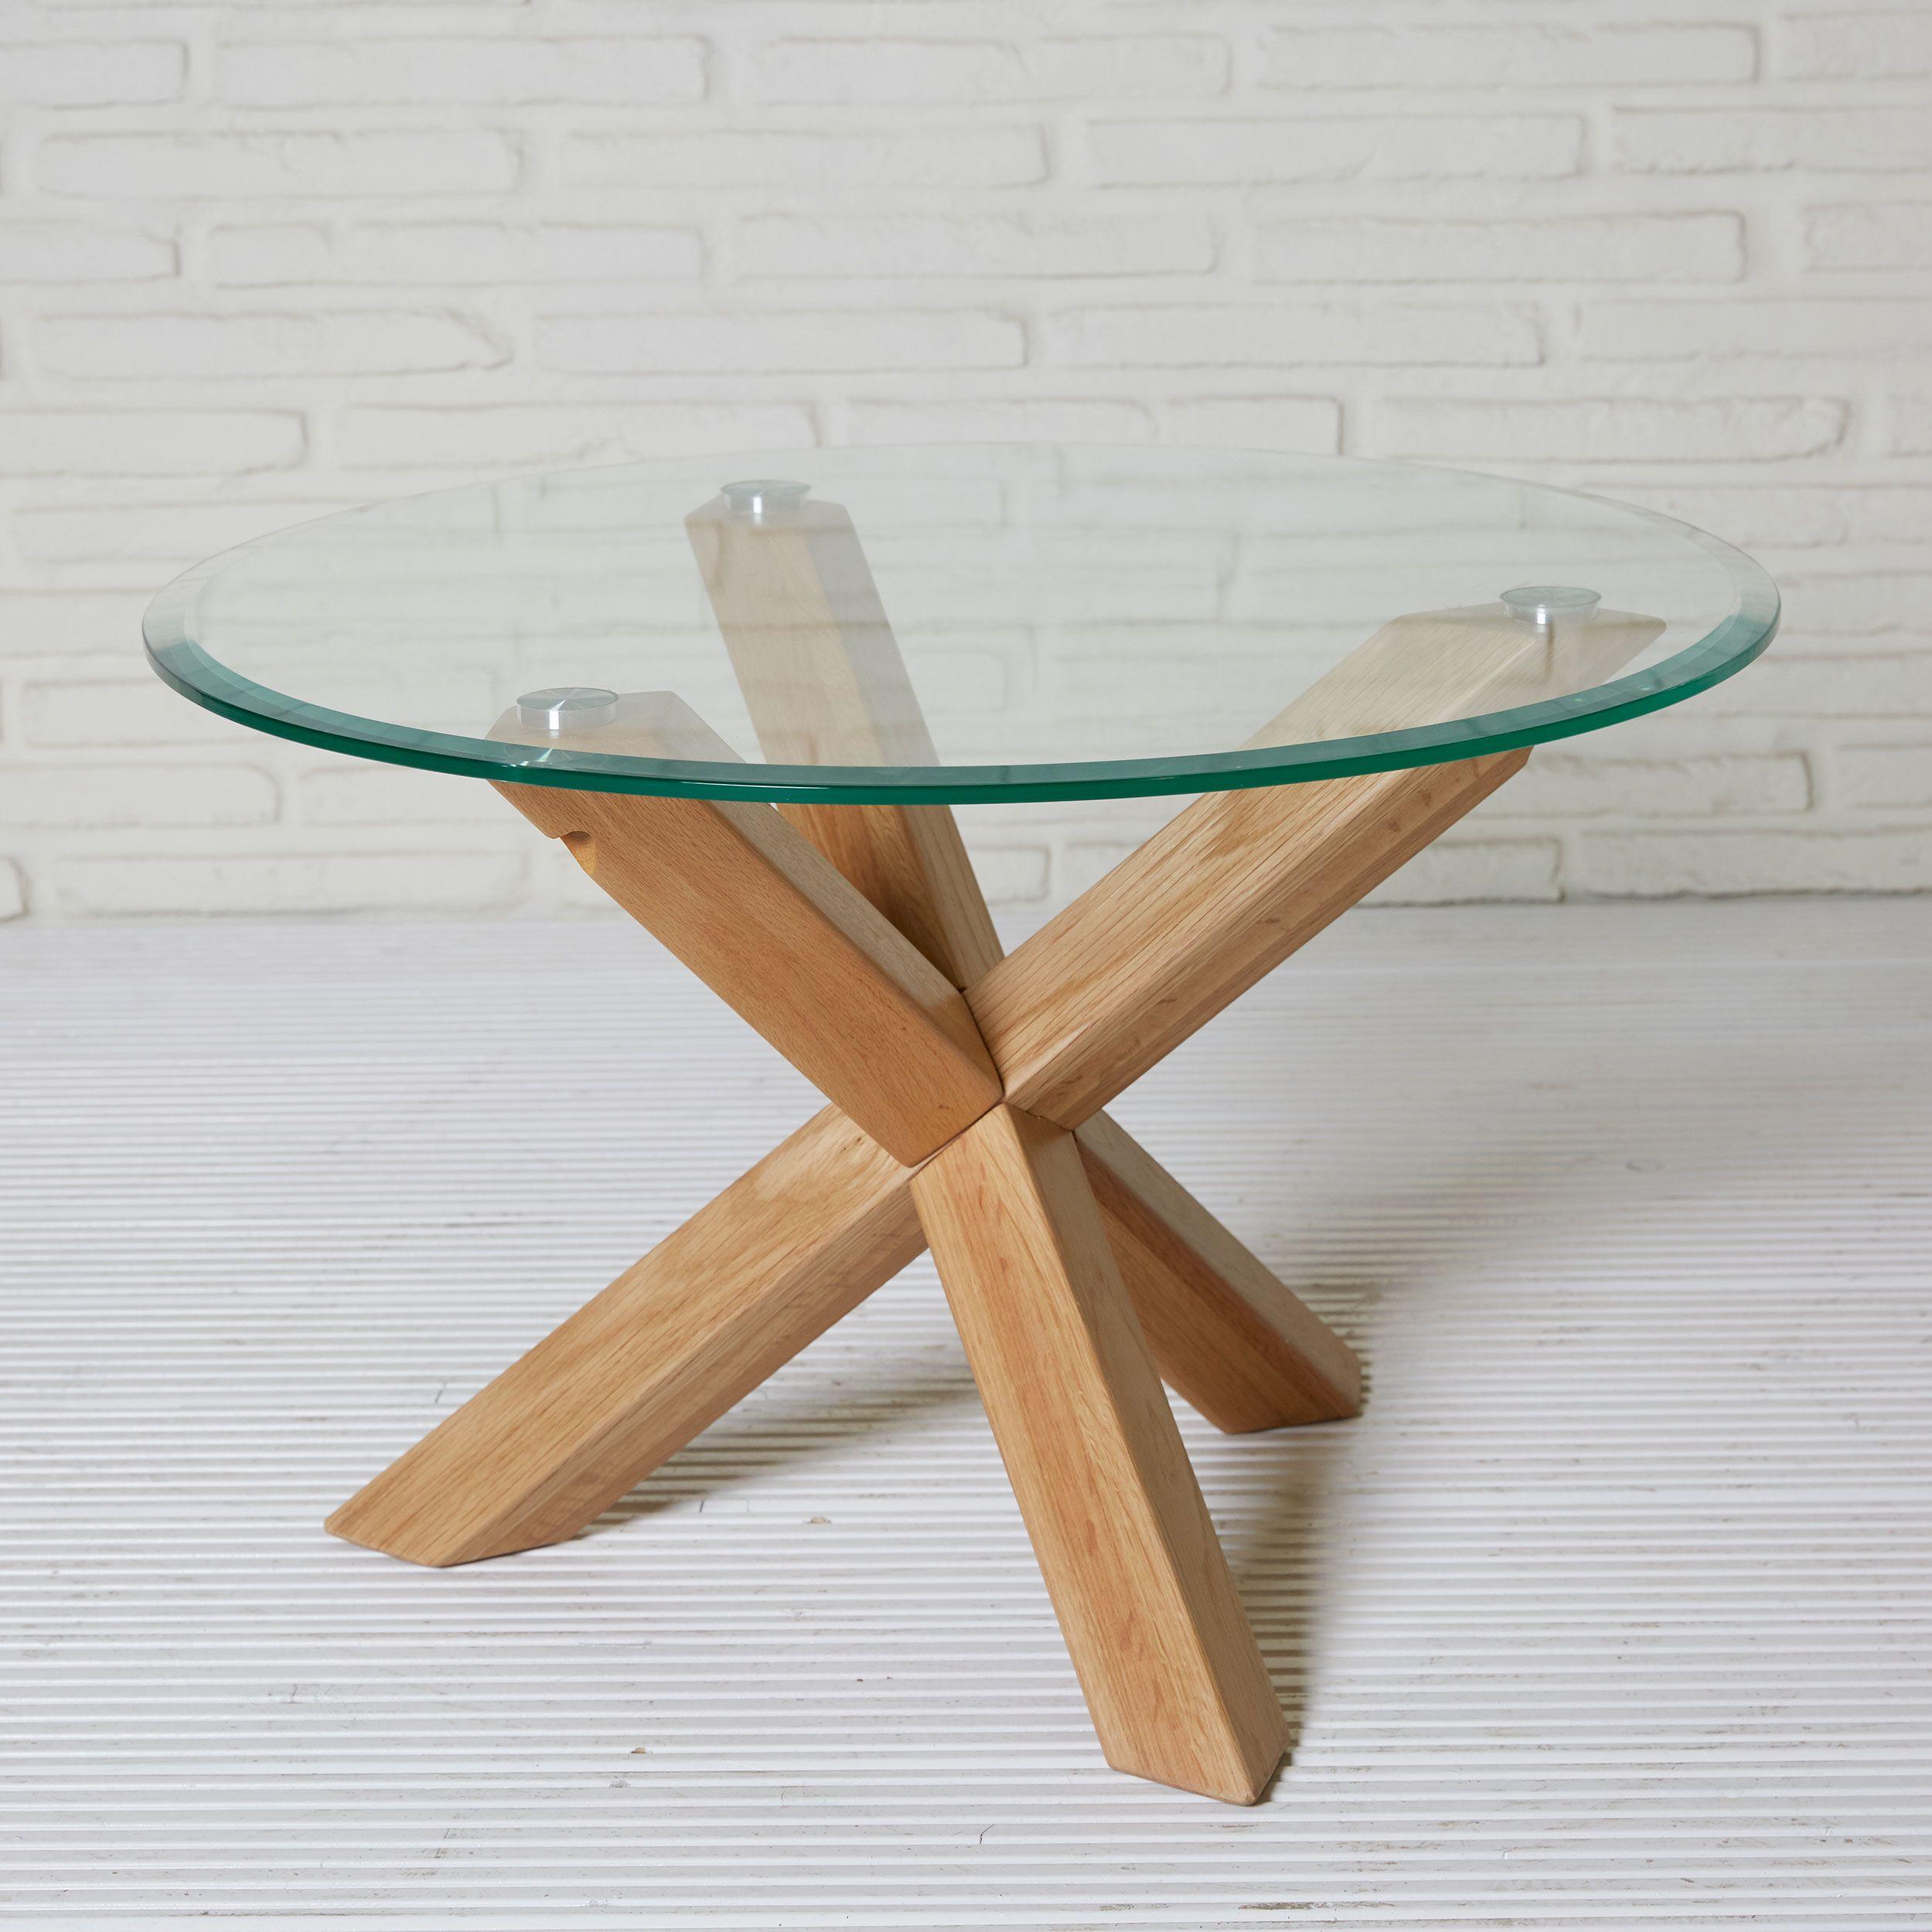 Couchtisch Rund 70cm Eichenholz Und Glasplatte Couchtisch Tisch Wohnzimmer Holz Glas Interior Interiordesig Couchtisch Rund Couchtisch Tische Wohnzimmer